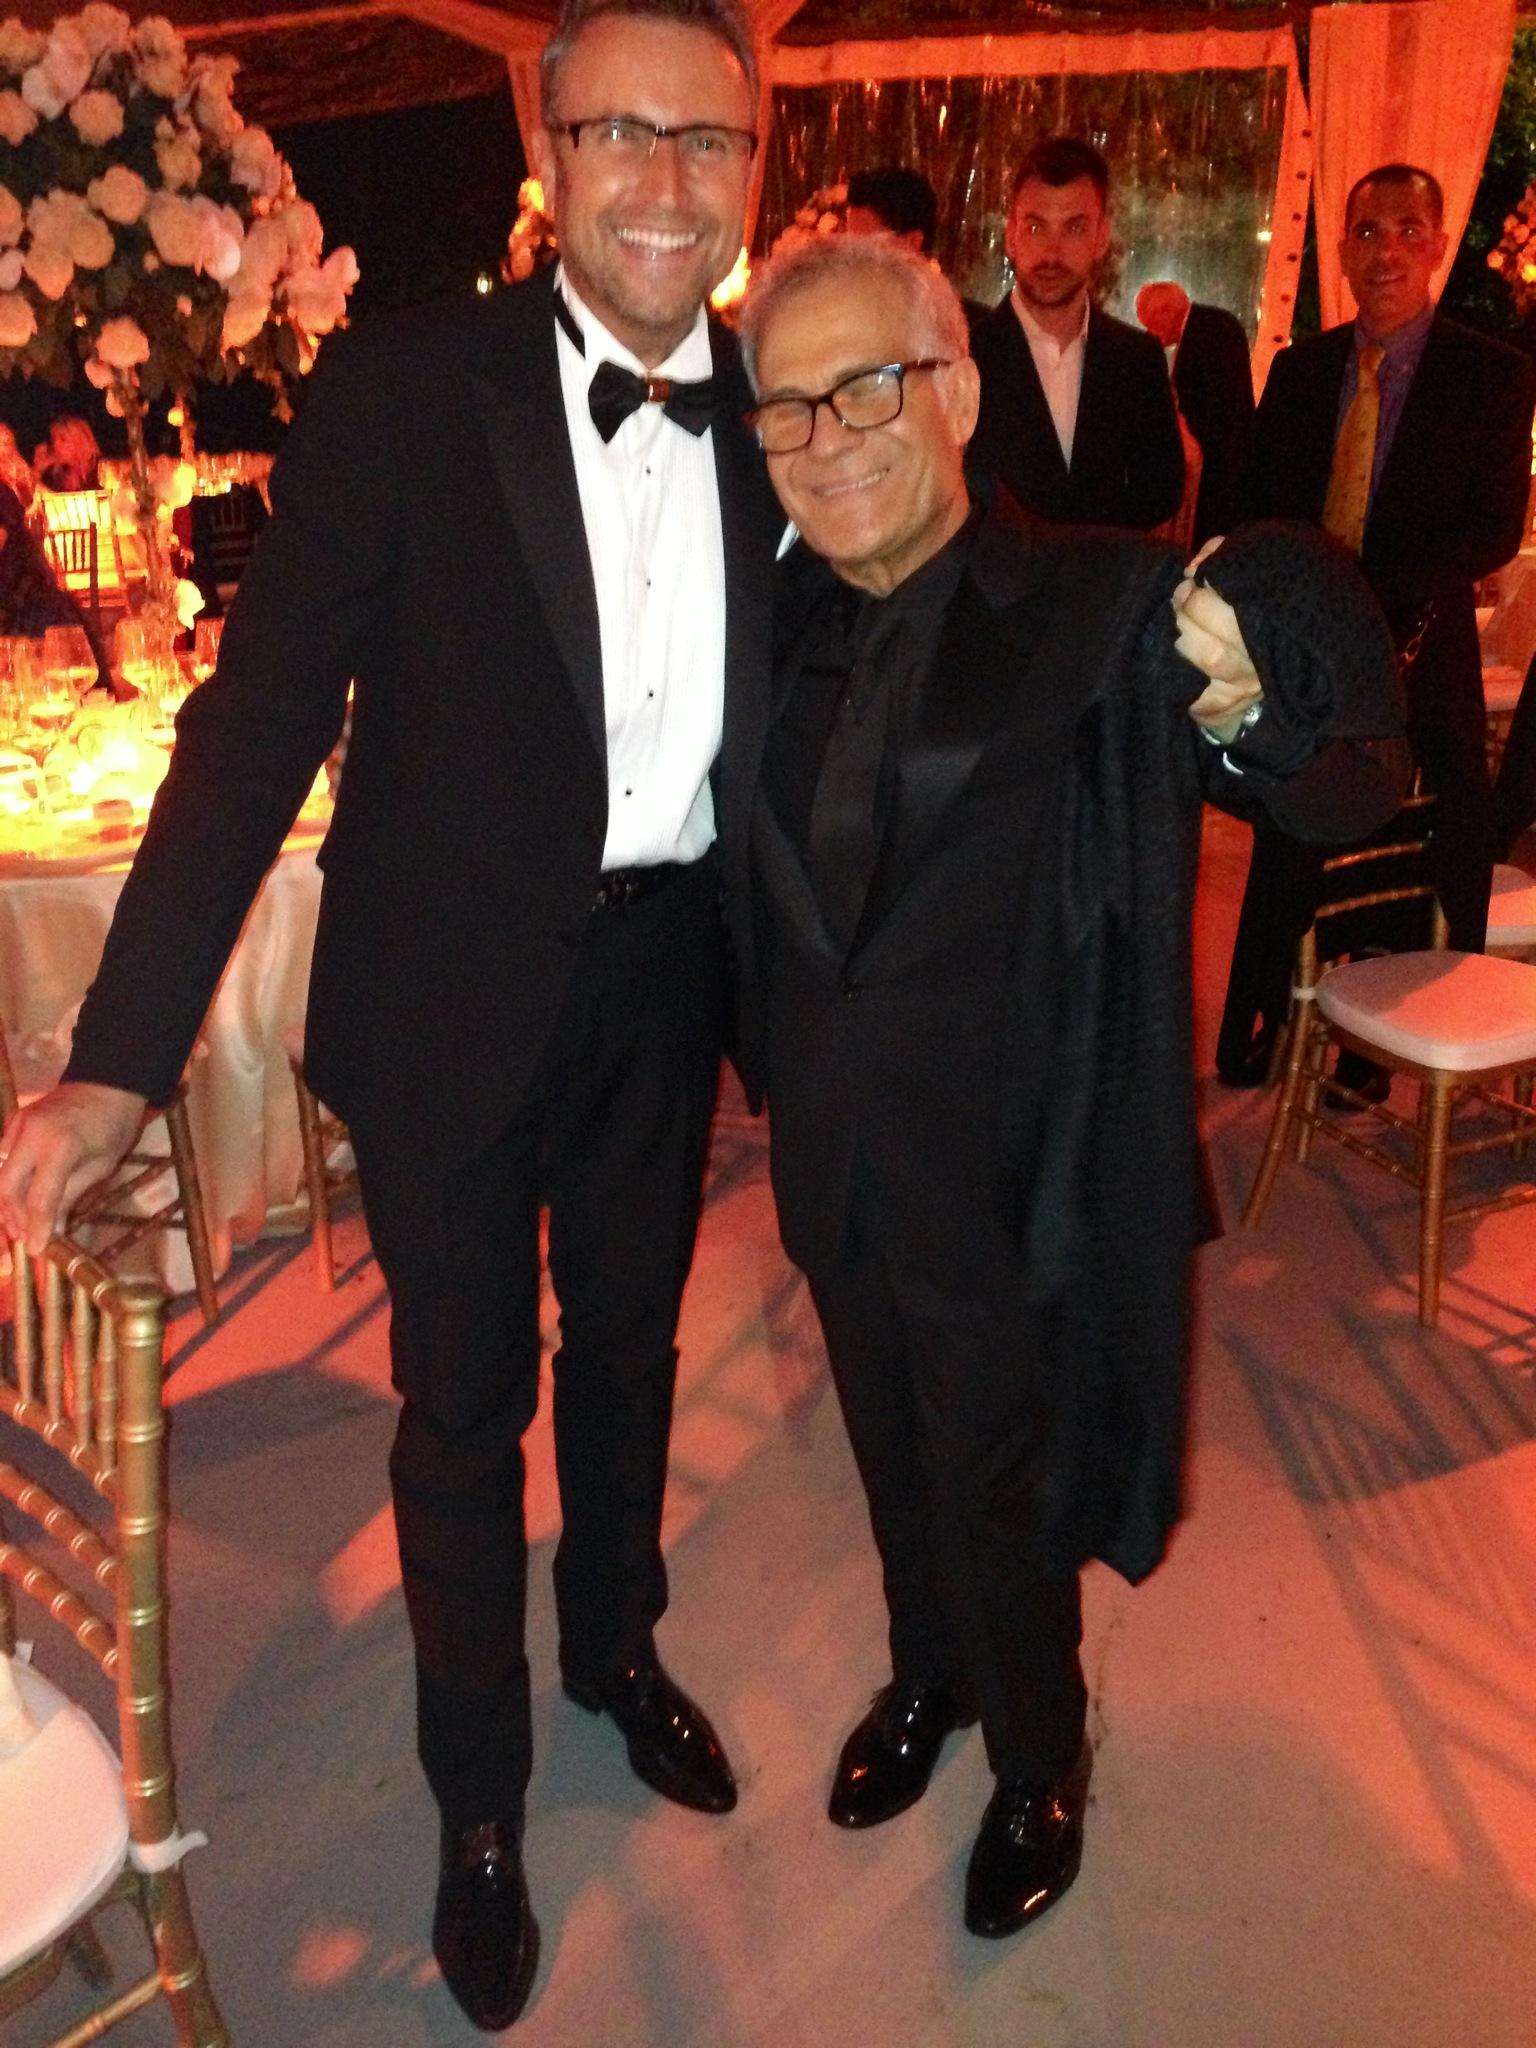 Catalin Botezatu alaturi de Carlo Pignatelli, designerul care a creat cureaua si pantofii pe care romanul le-a purtat seara, la nunta Valeriei Marini